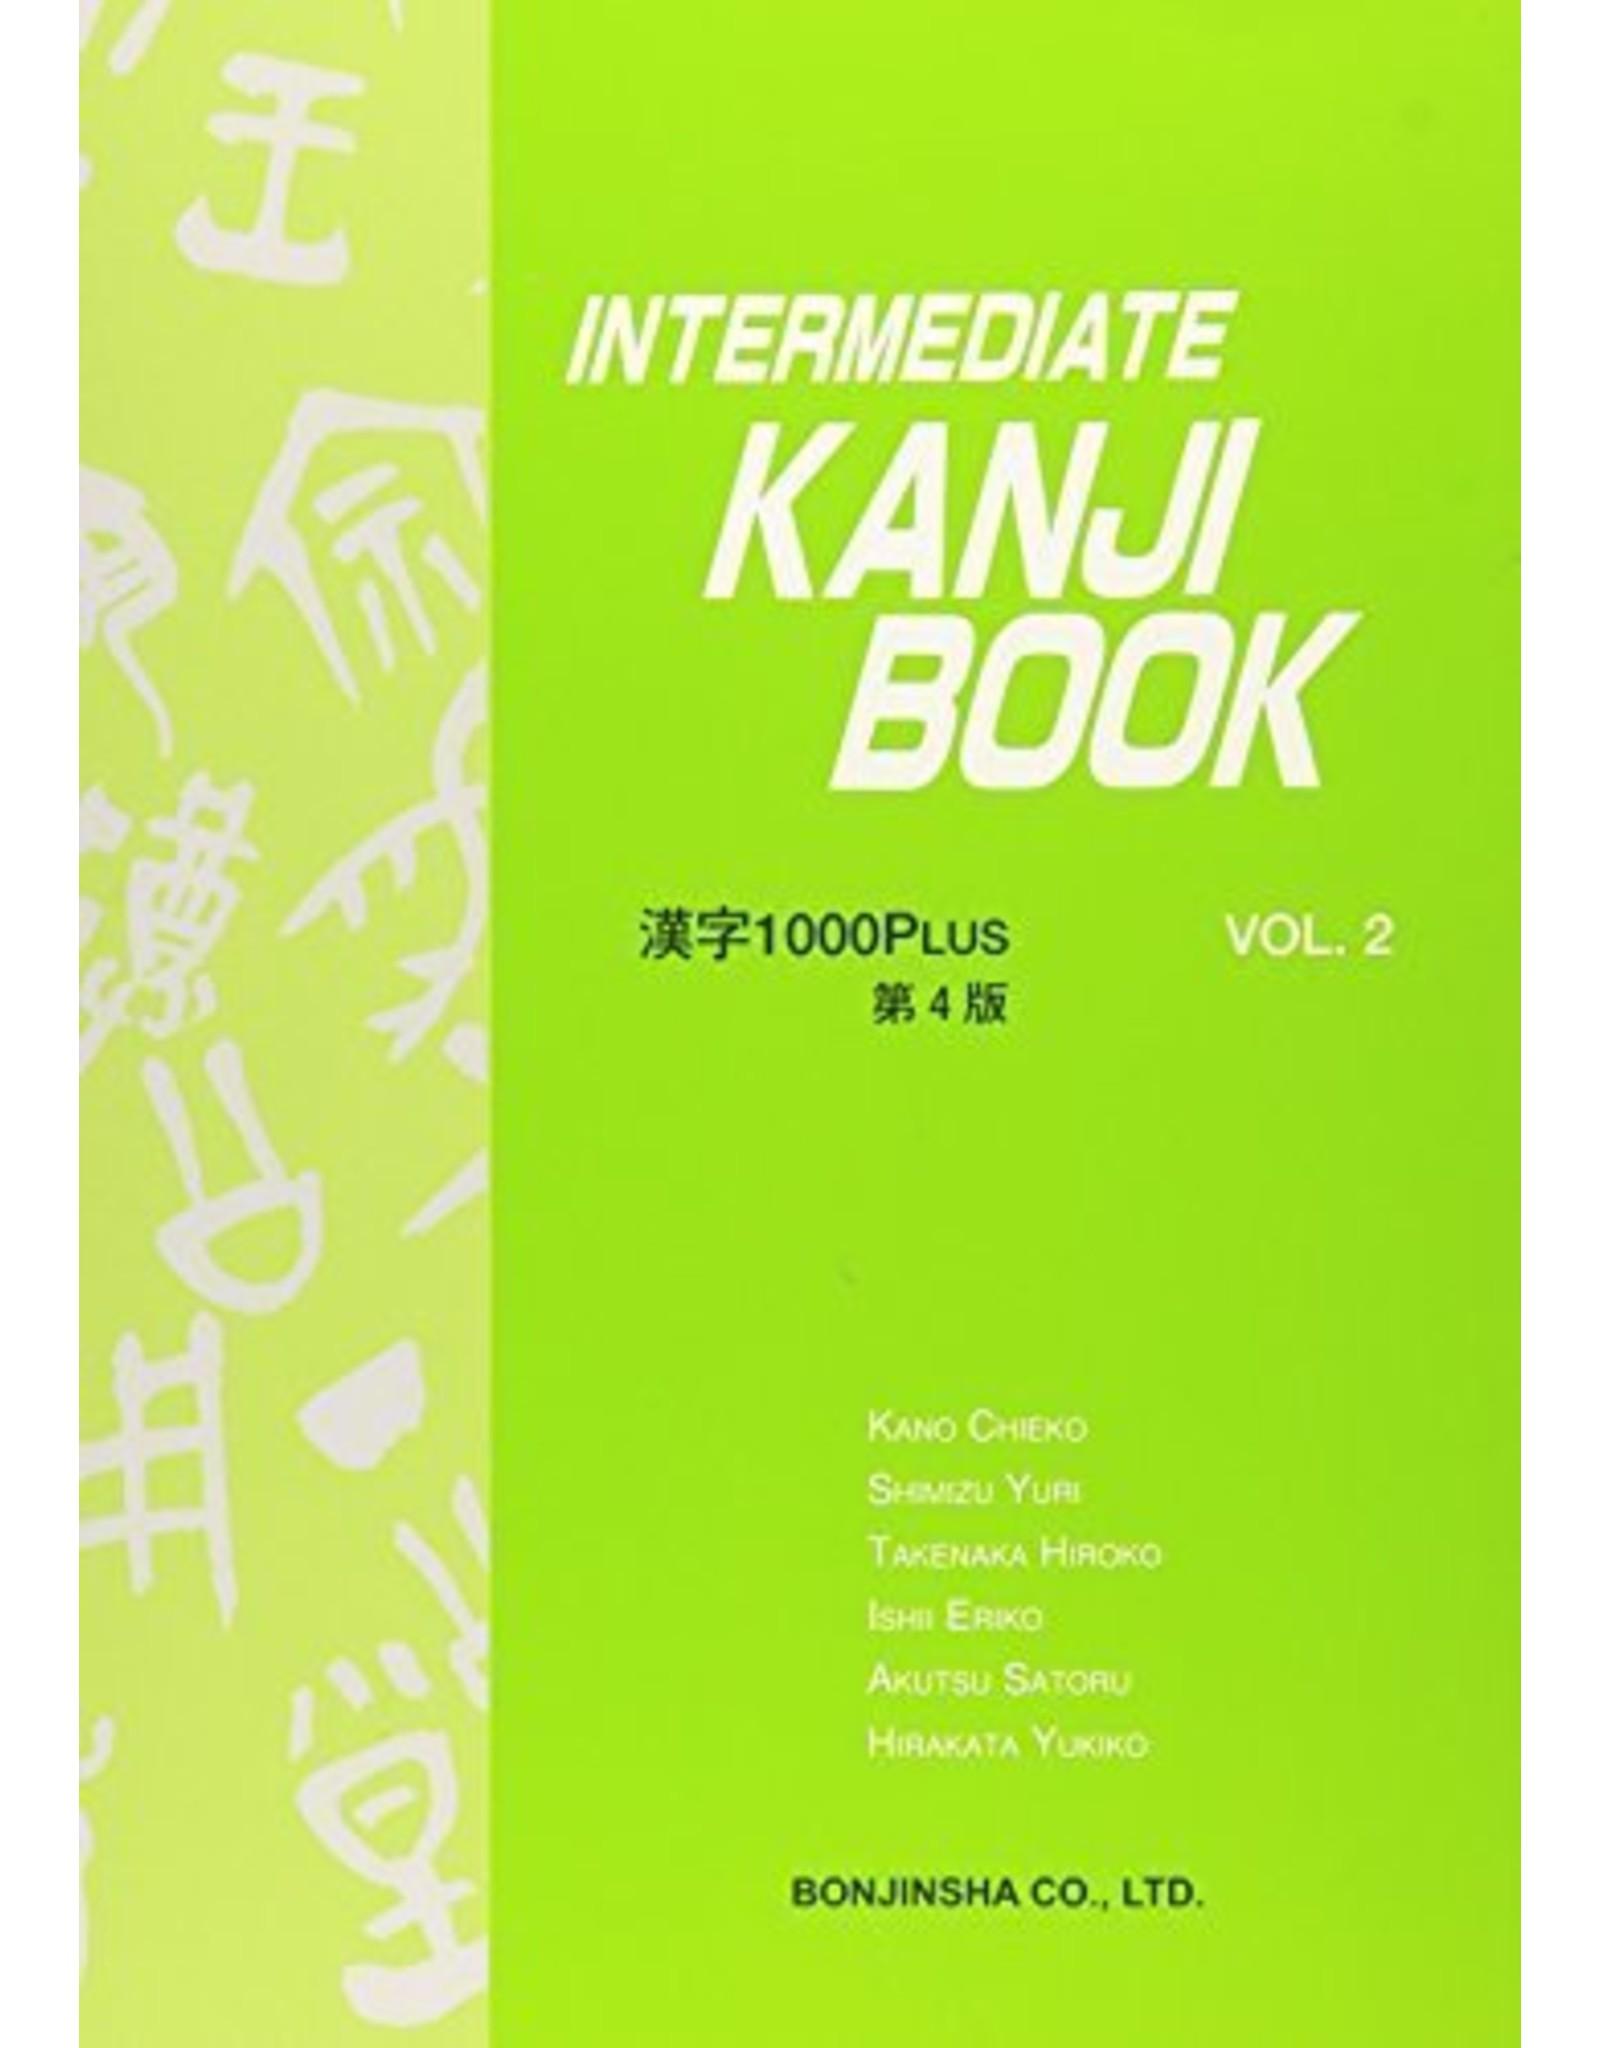 BONJINSHA INTERMEDIATE KANJI BOOK KANJI 1000 PLUS VOL.2